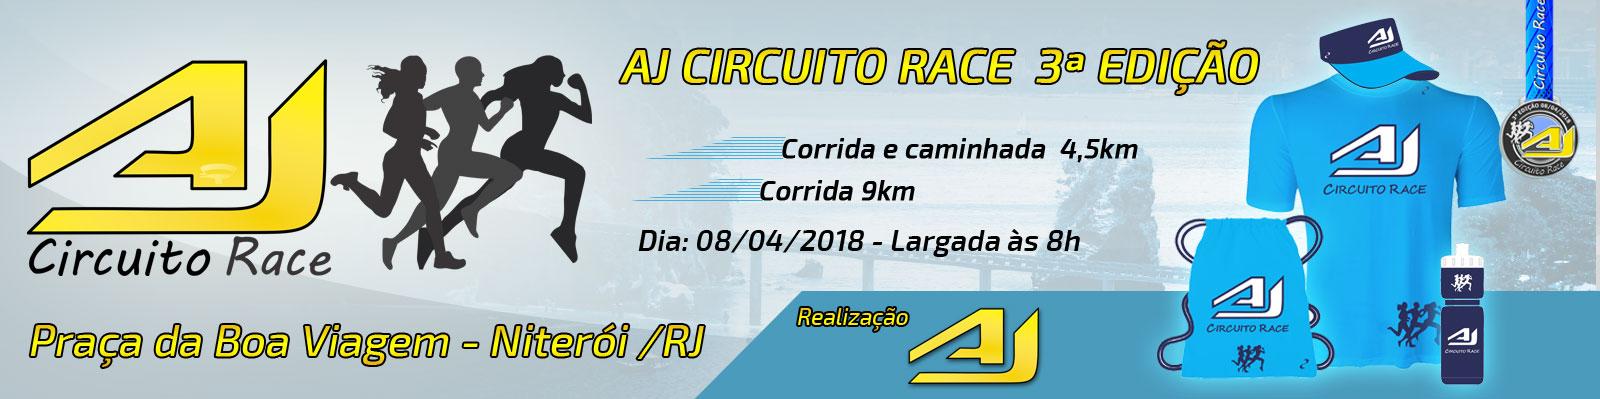 AJ CIRCUITO RACE 3ª EDIÇÃO - NITERÓI/RJ - Imagem de topo